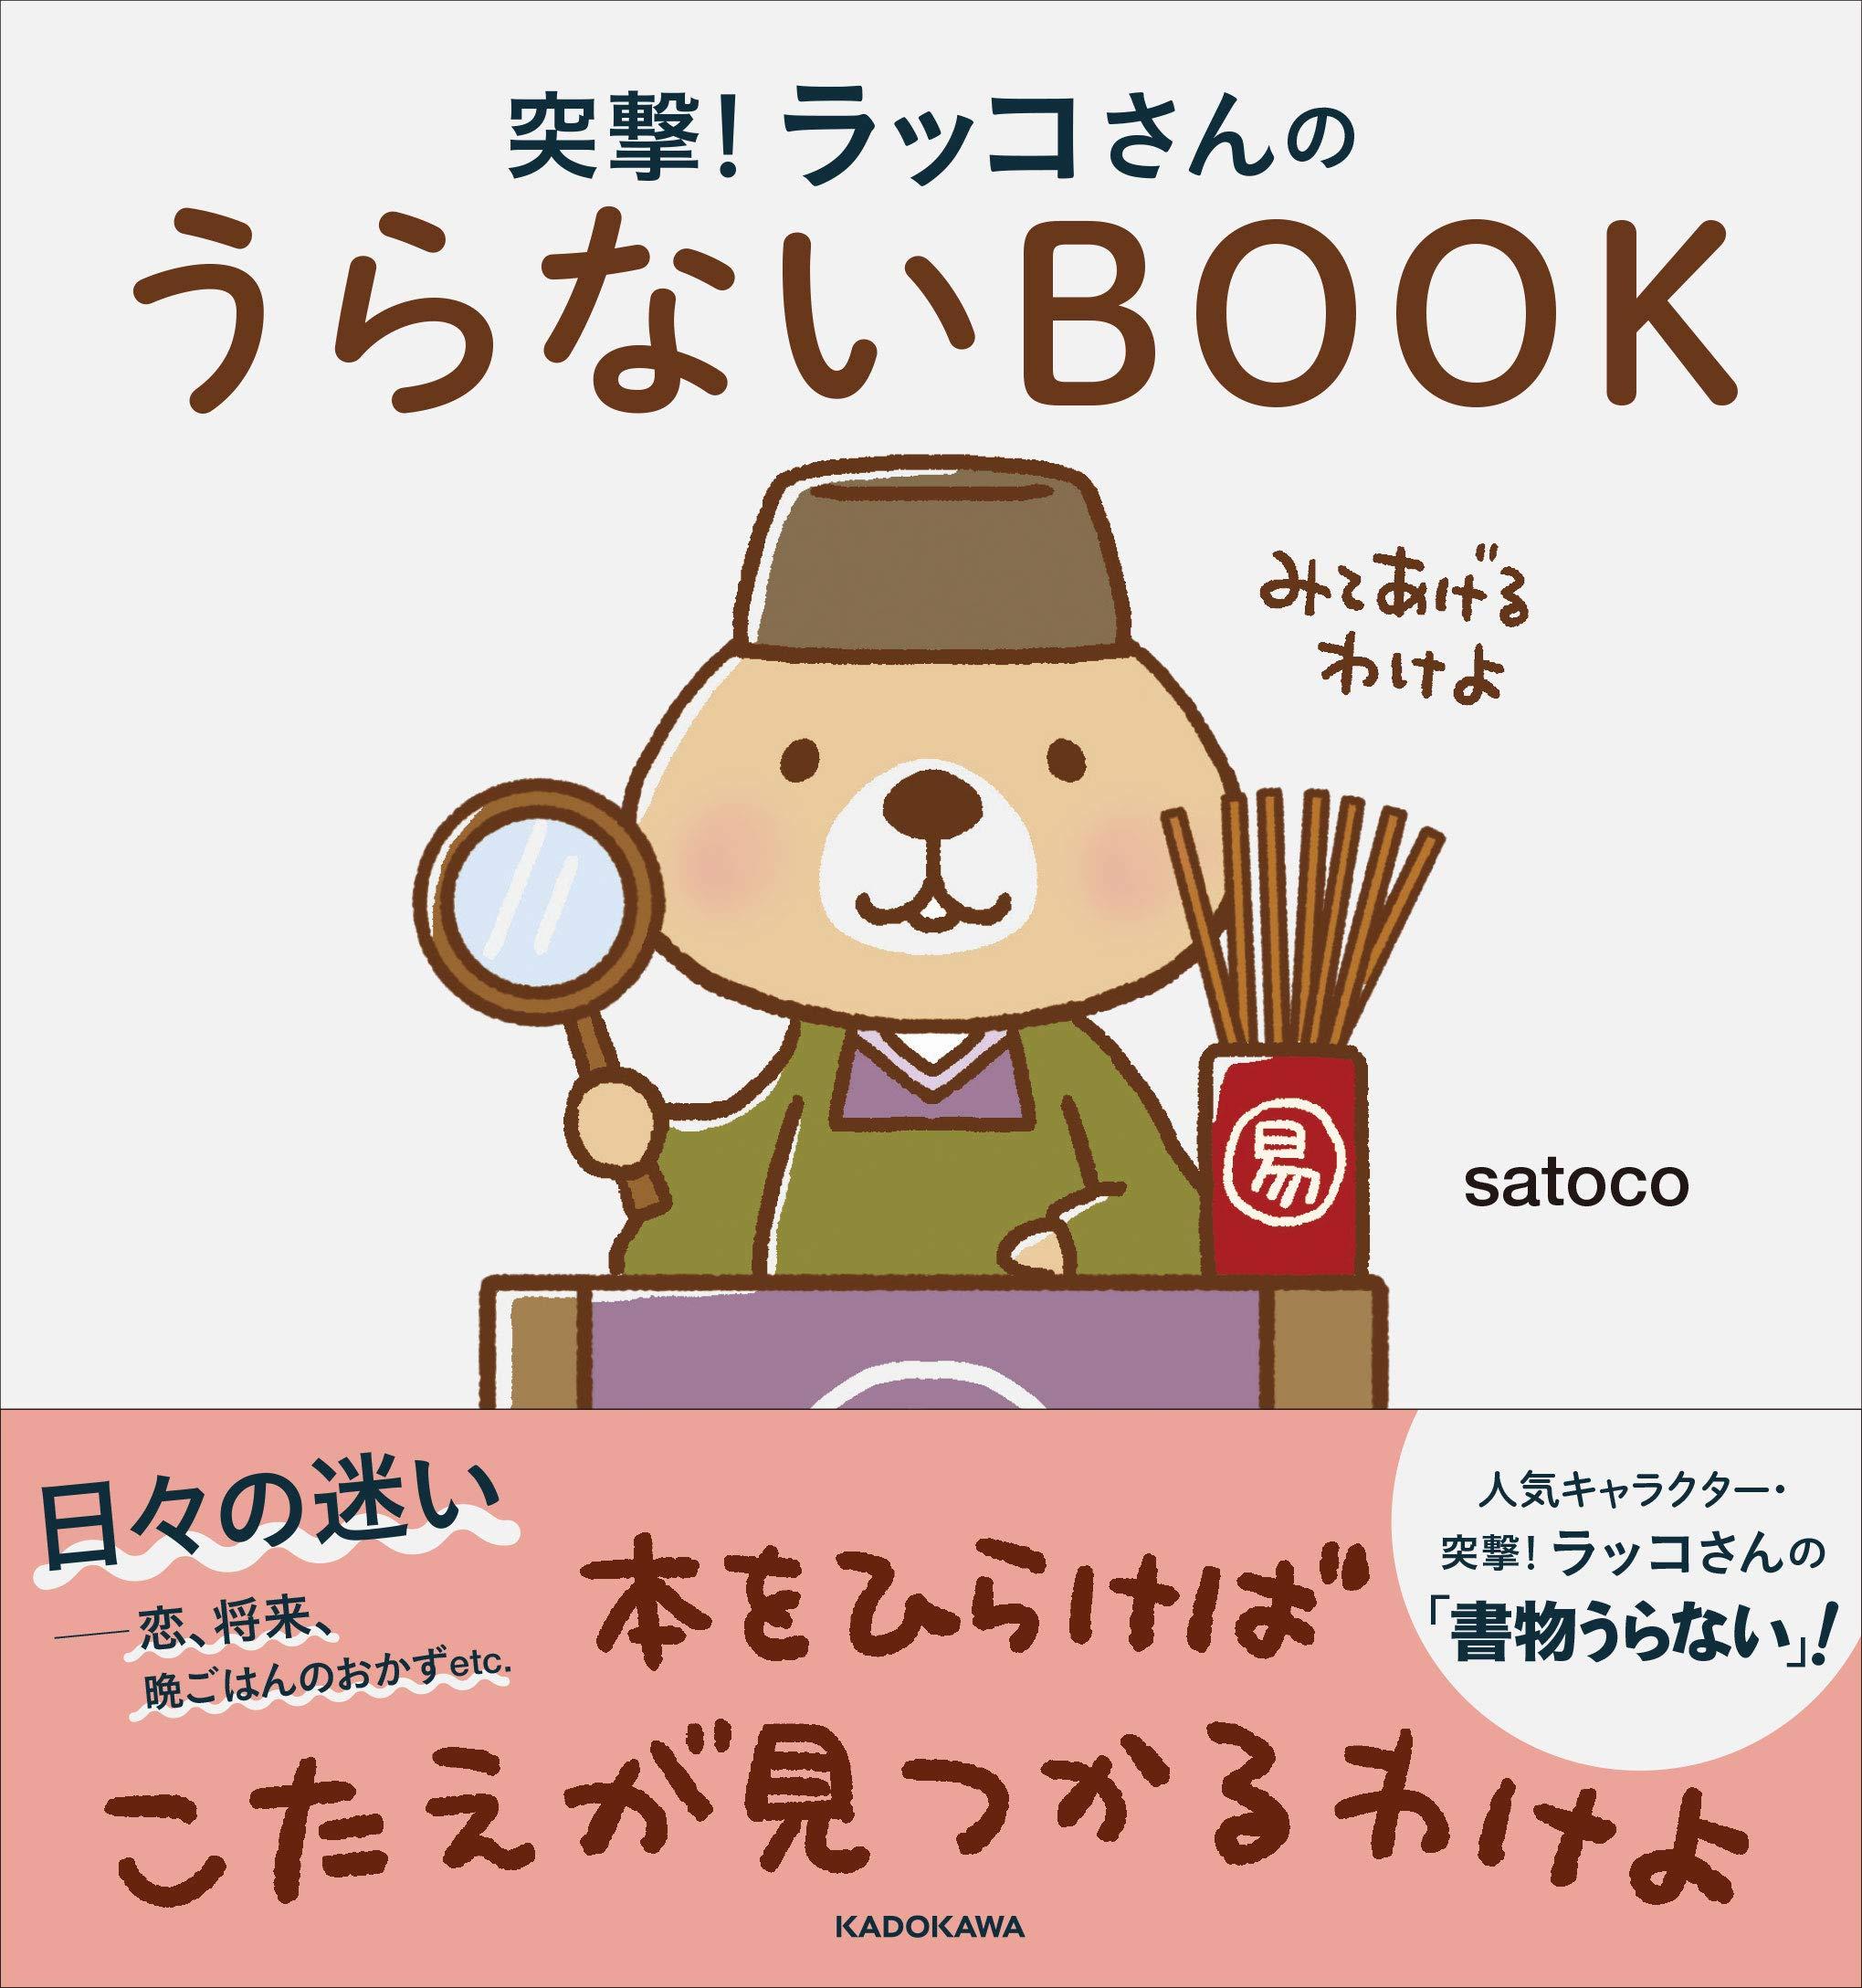 突撃 ラッコさんのうらないbook Satoco 本 通販 Amazon